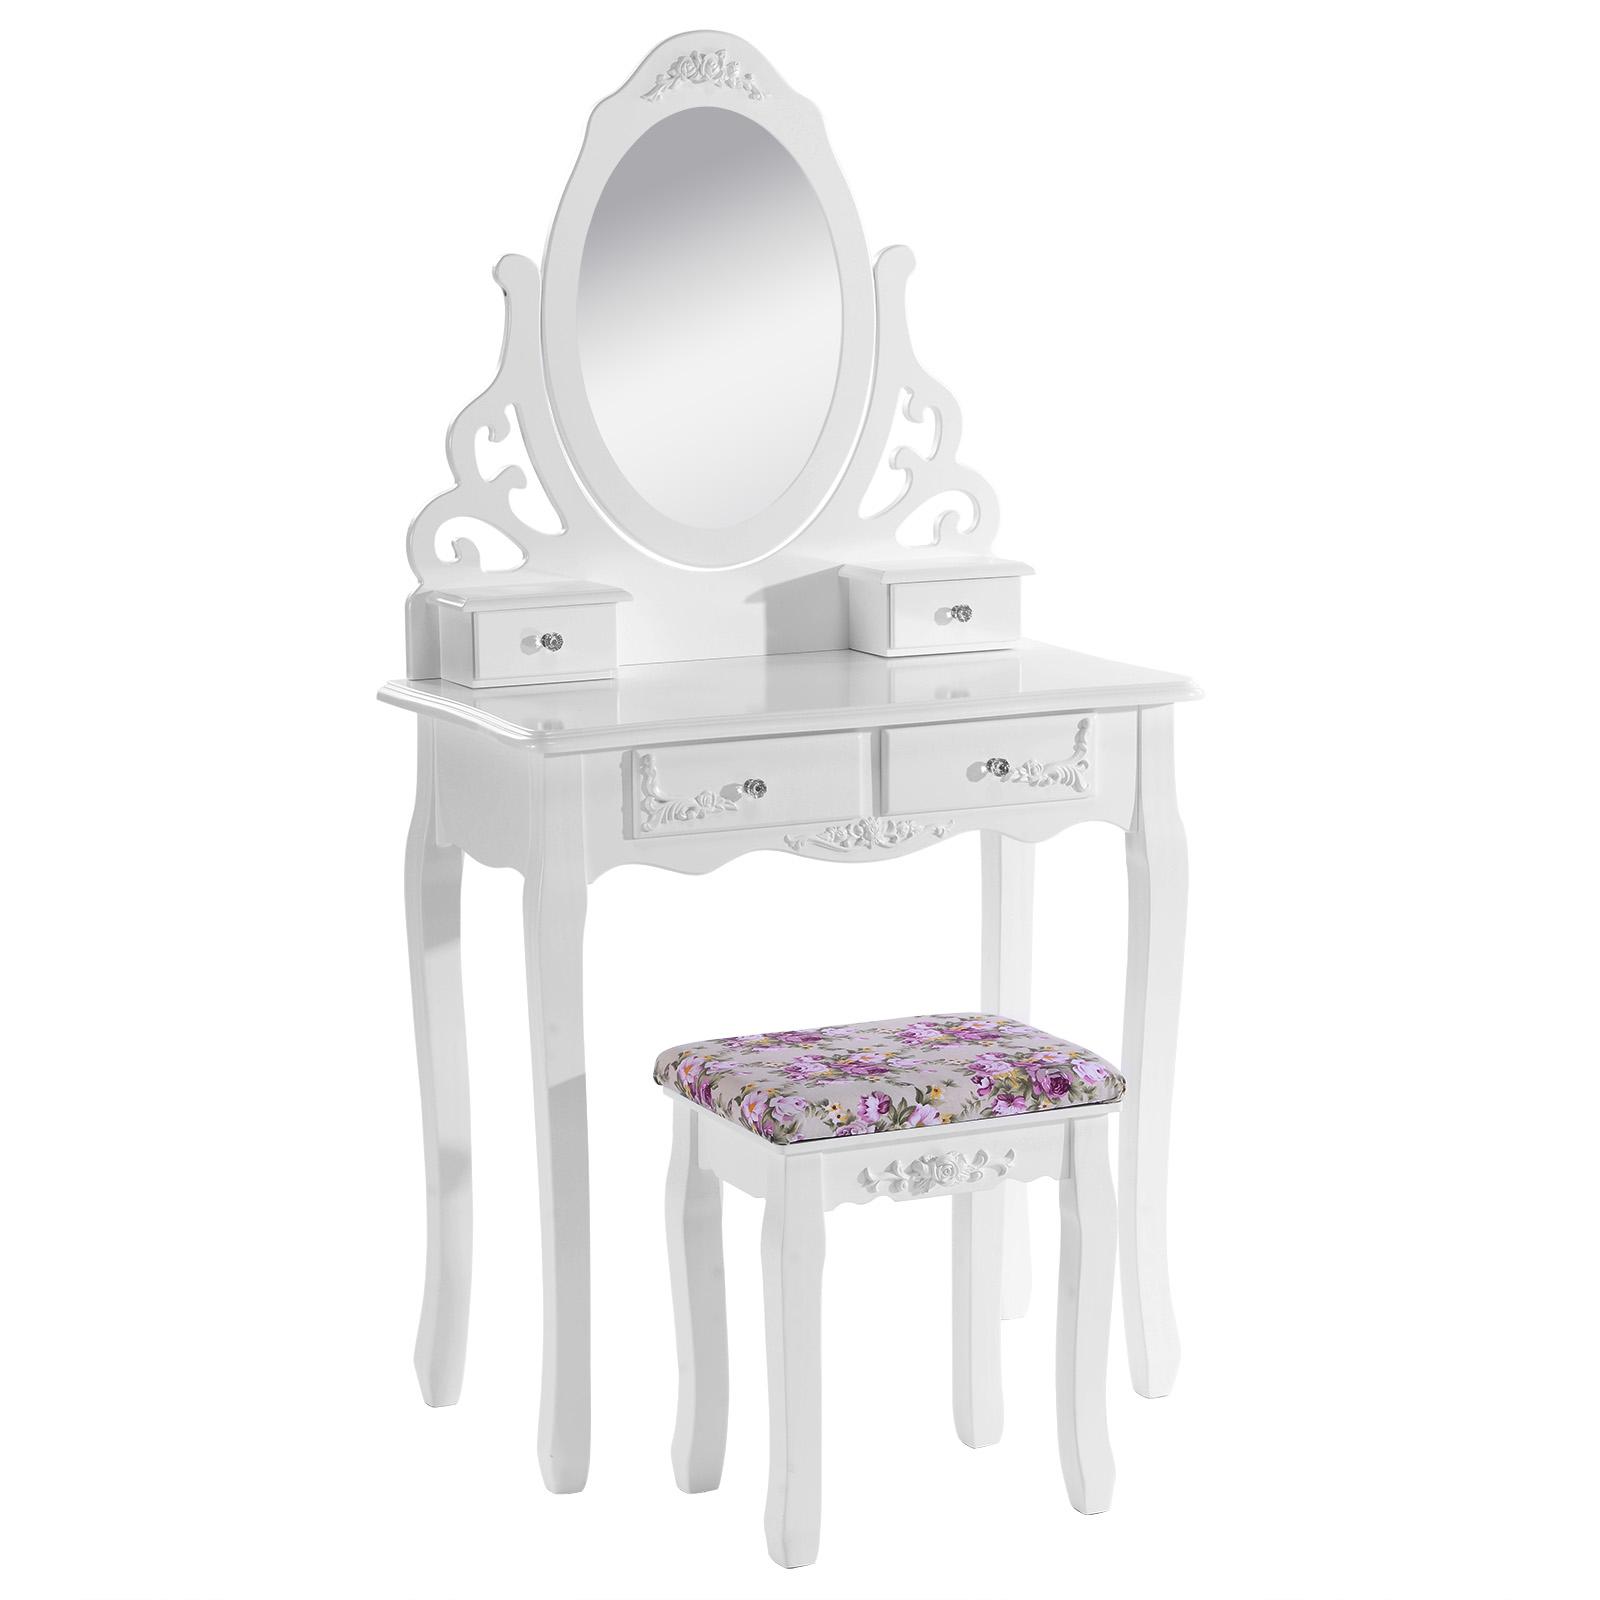 schminktisch frisiertisch kosmetiktisch mit spiegel inkl. Black Bedroom Furniture Sets. Home Design Ideas